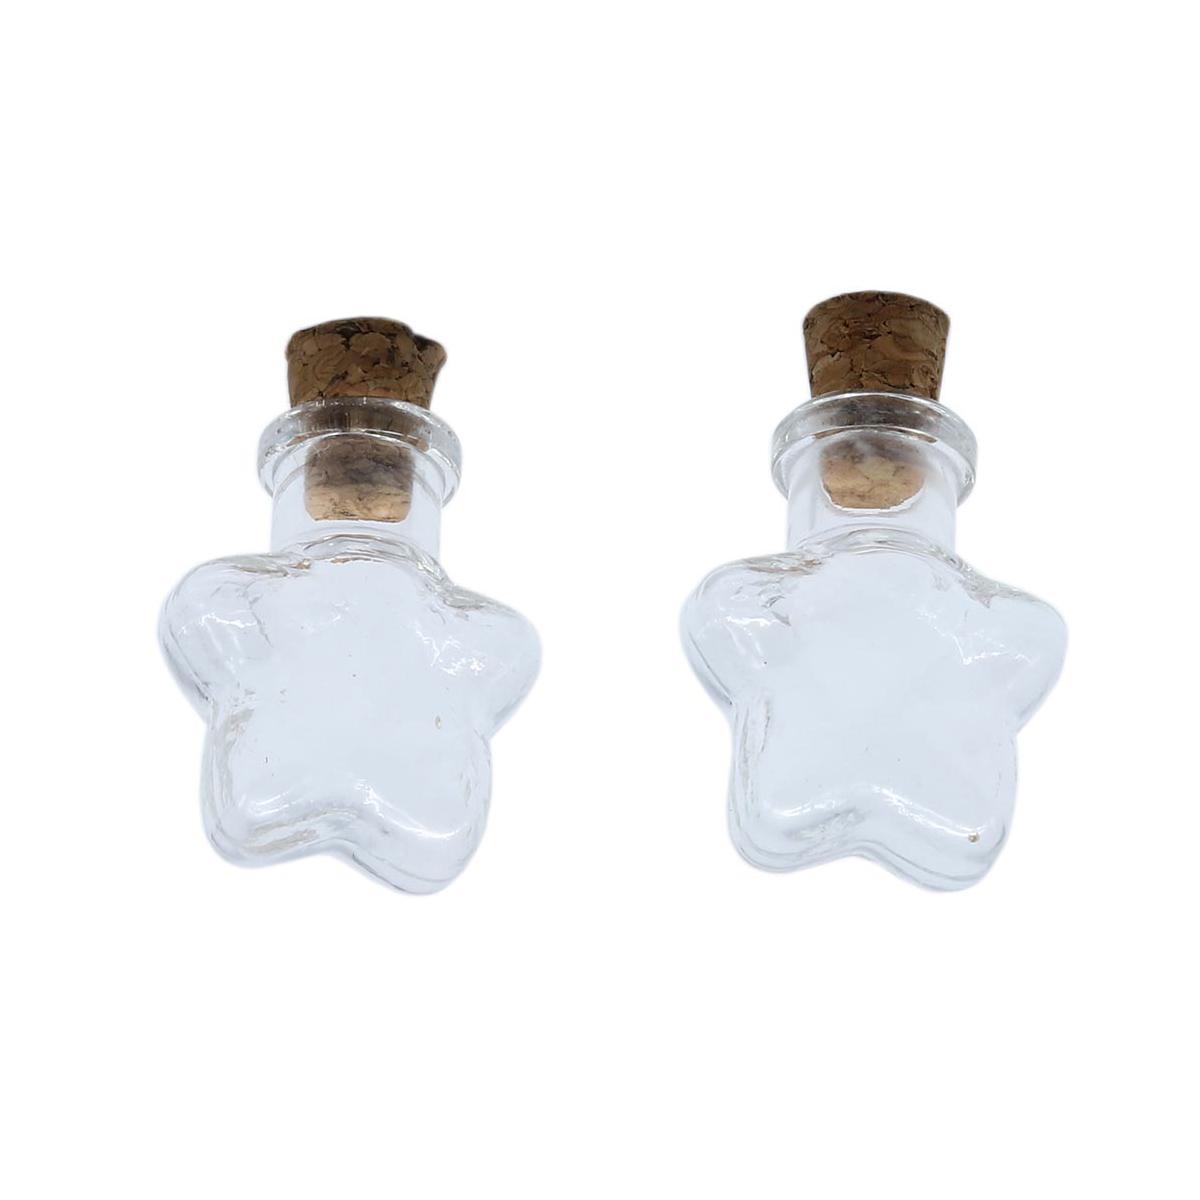 Стеклянная бутылочка с пробкой 'Звезда', 5шт/упак фото